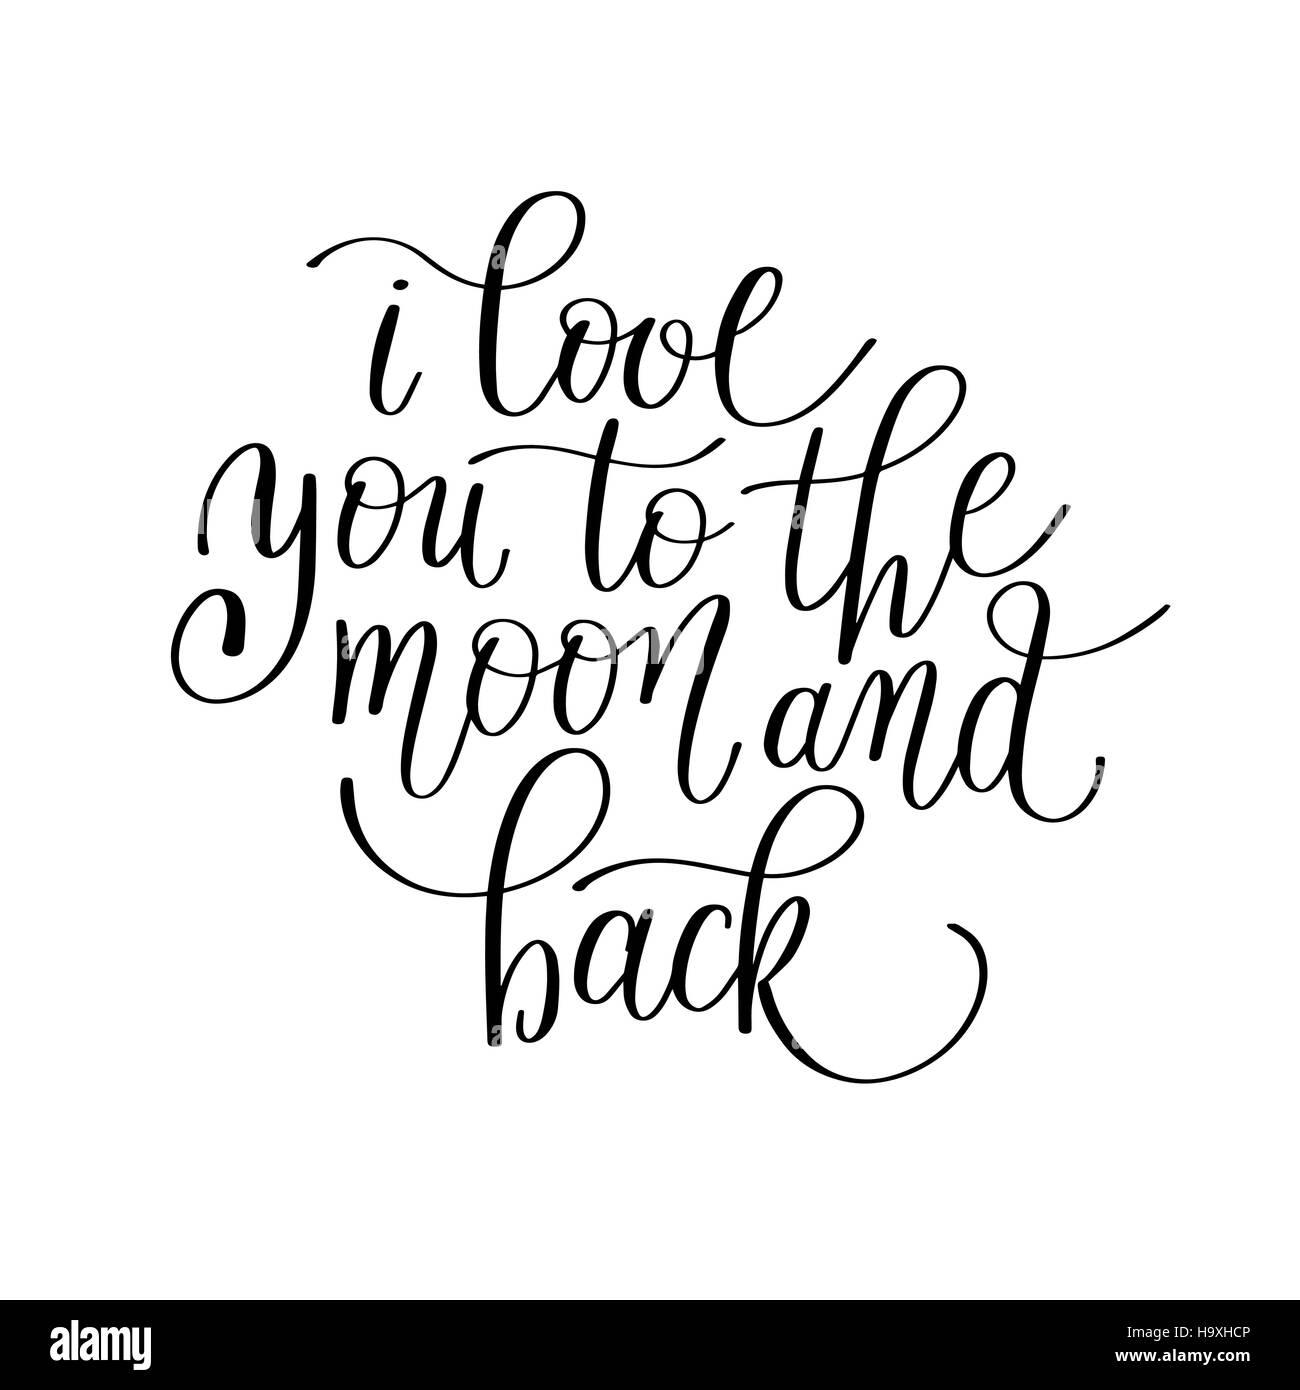 Blickfang Ich Liebe Dich Bis Zum Mond Ideen Von Und Zurück, Handgeschriebene Kalligraphie Letterin